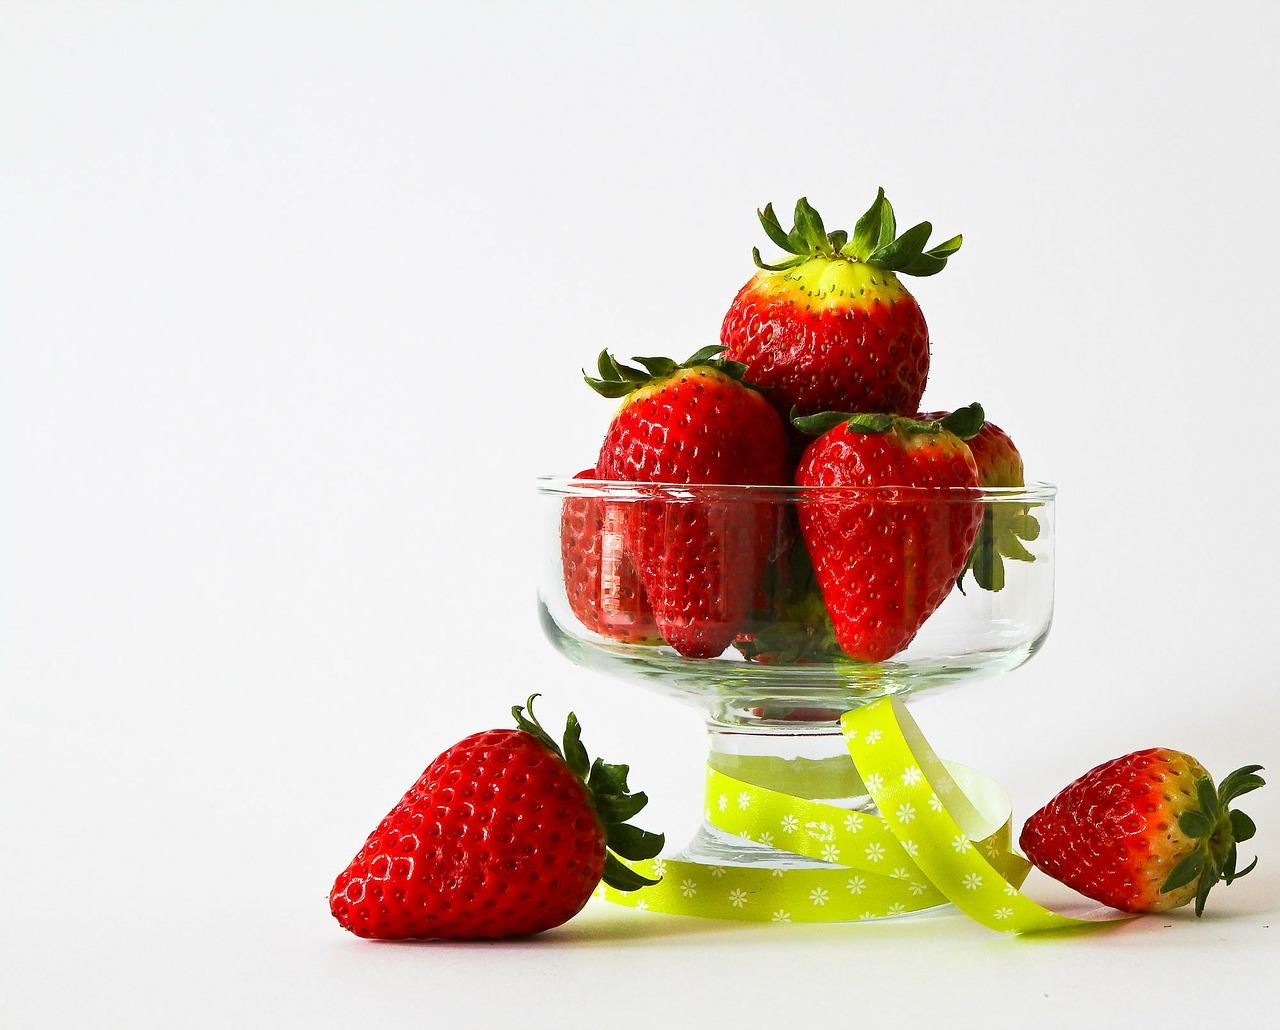 fruits-320124_1280 - Copy